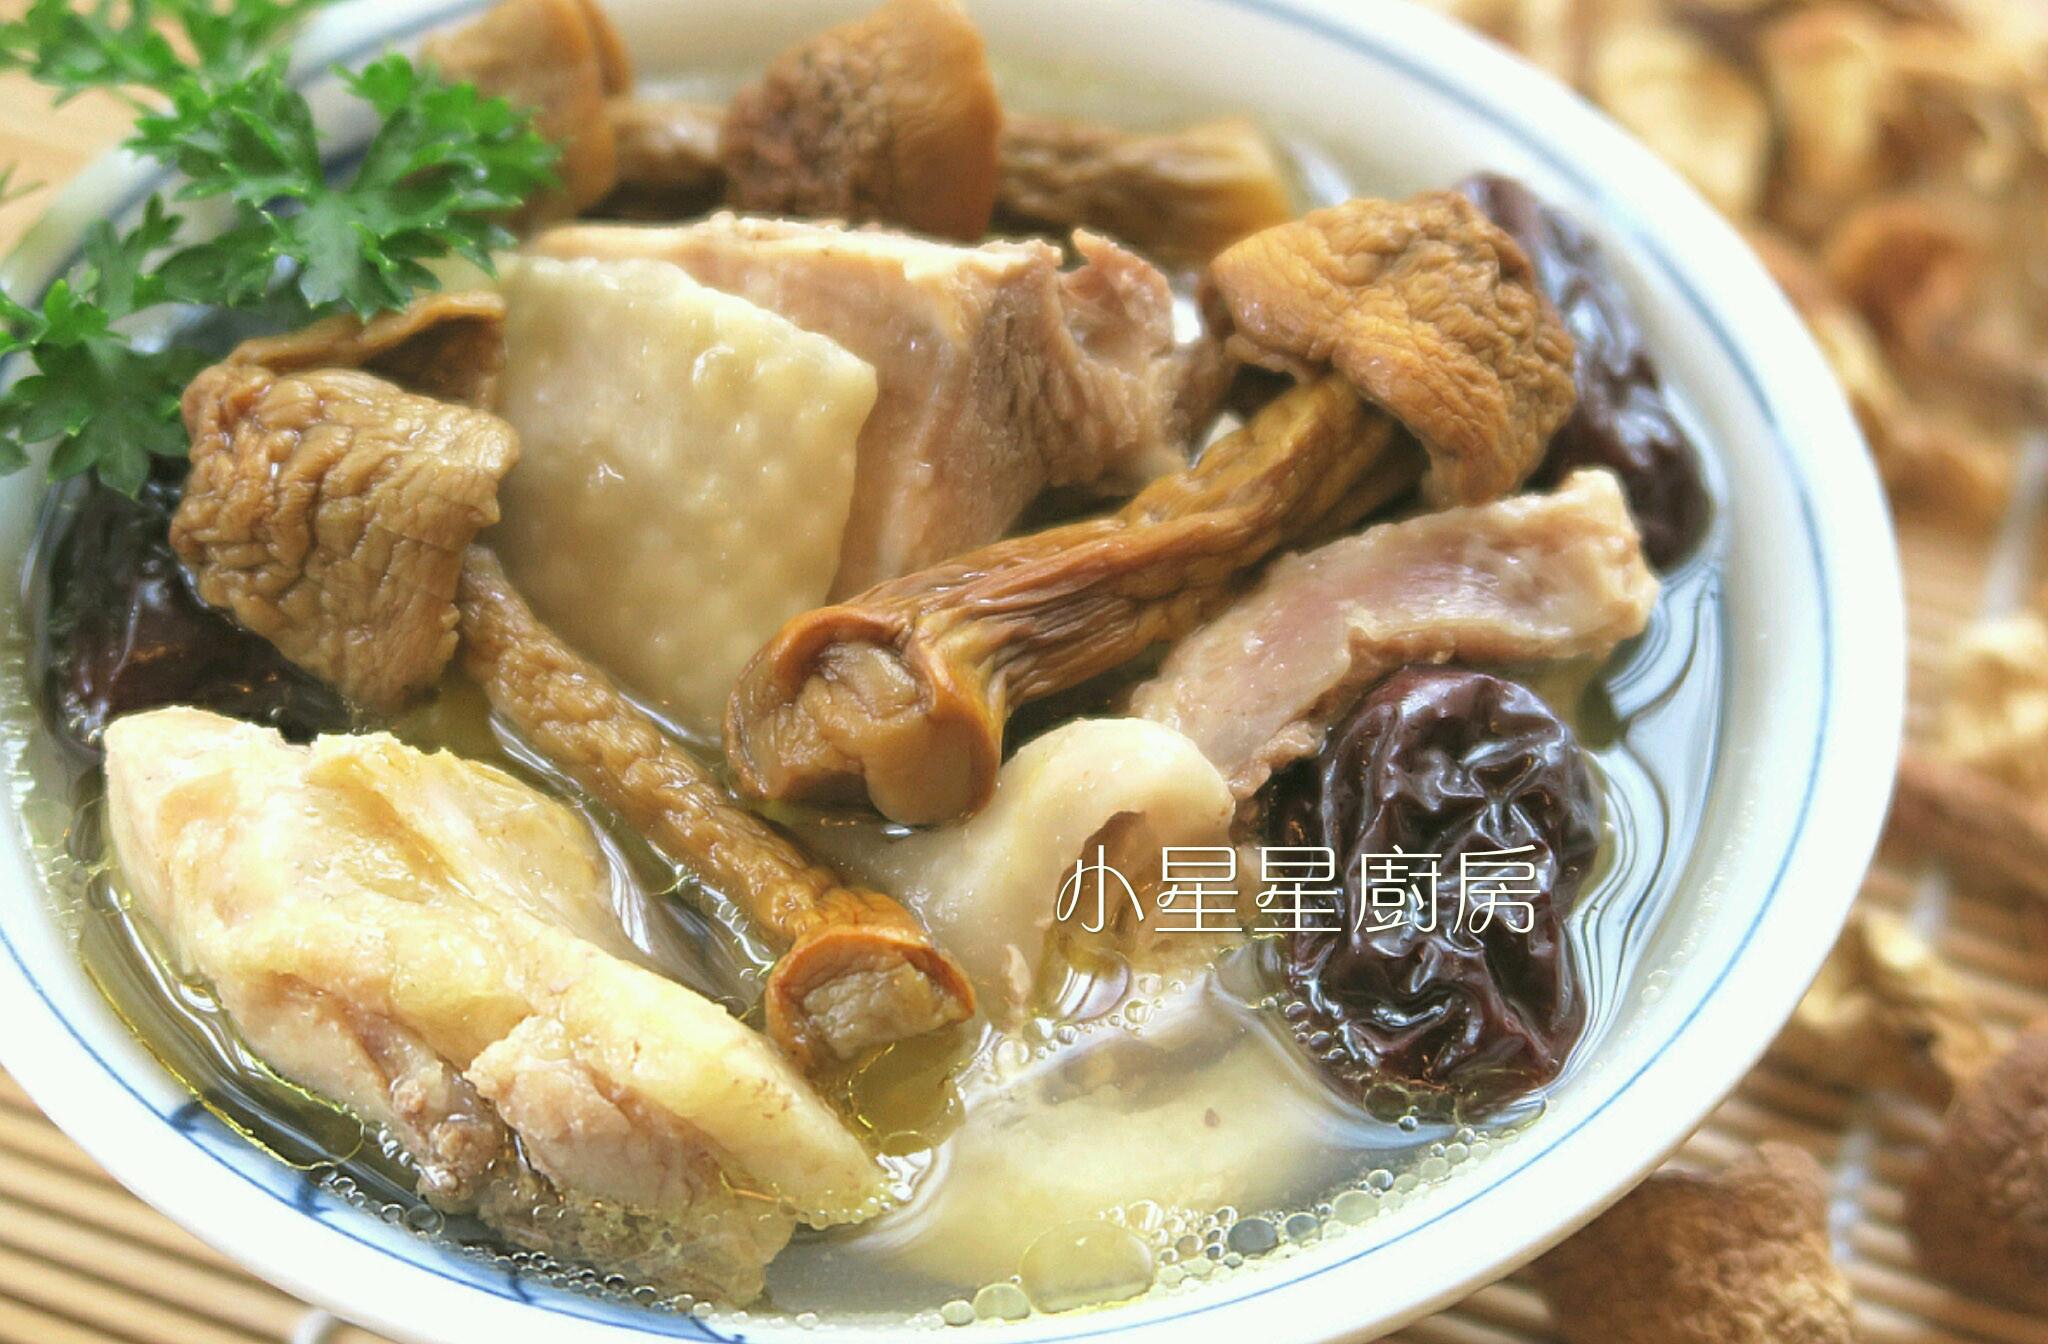 巴西蘑菇紅棗雞湯